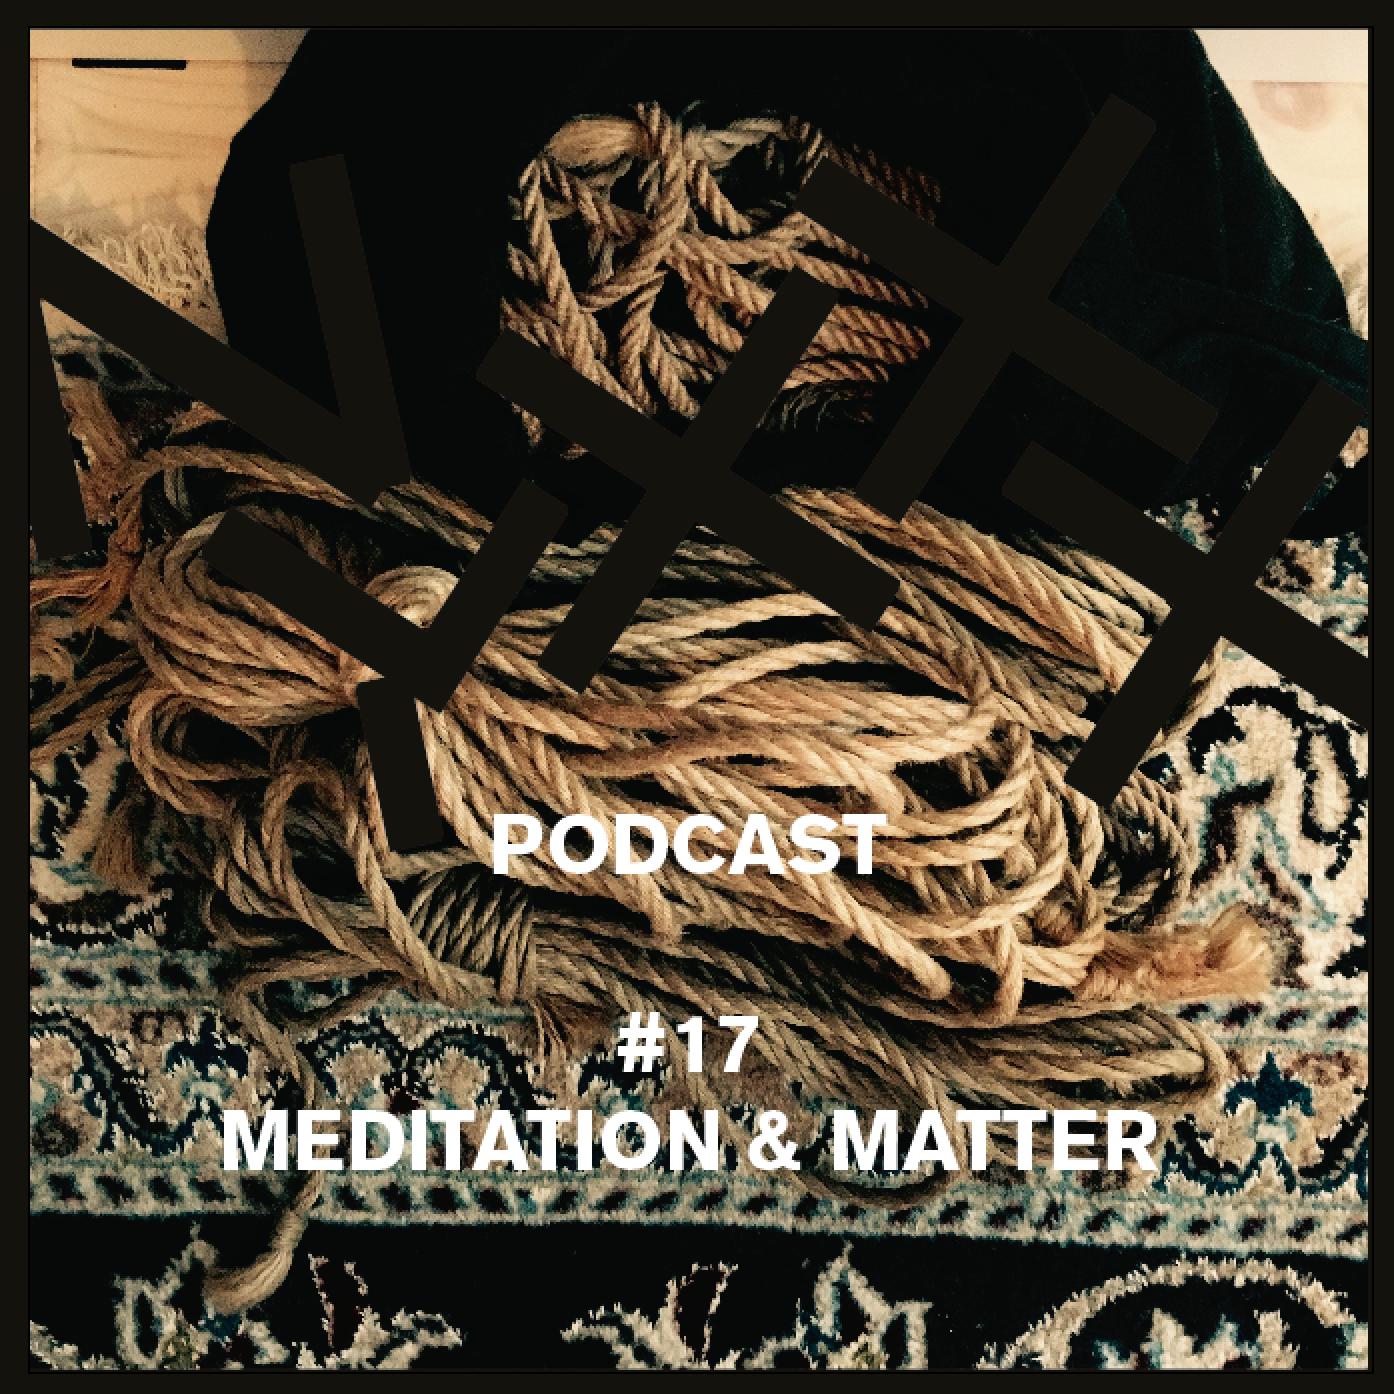 meditation & matter